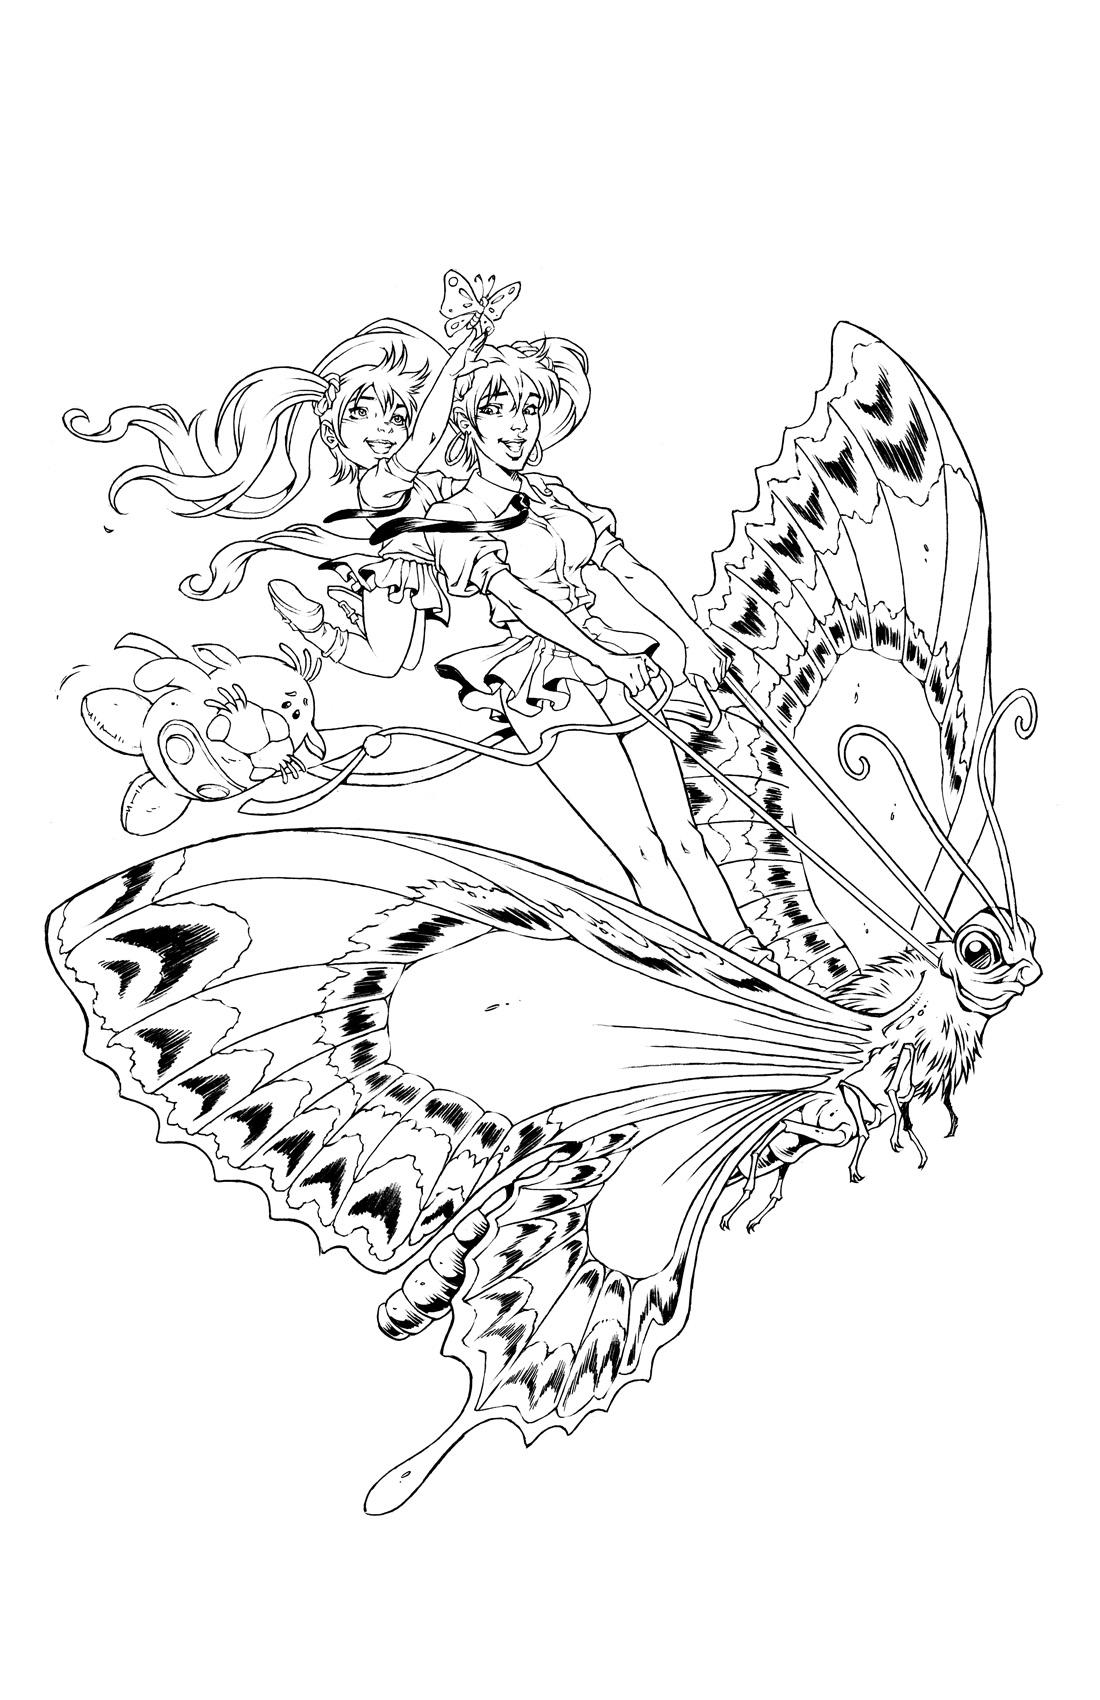 BANZAI GIRL:  BEAUTIFUL BUTTERFLY! by Jinky Coronado (Line Art)